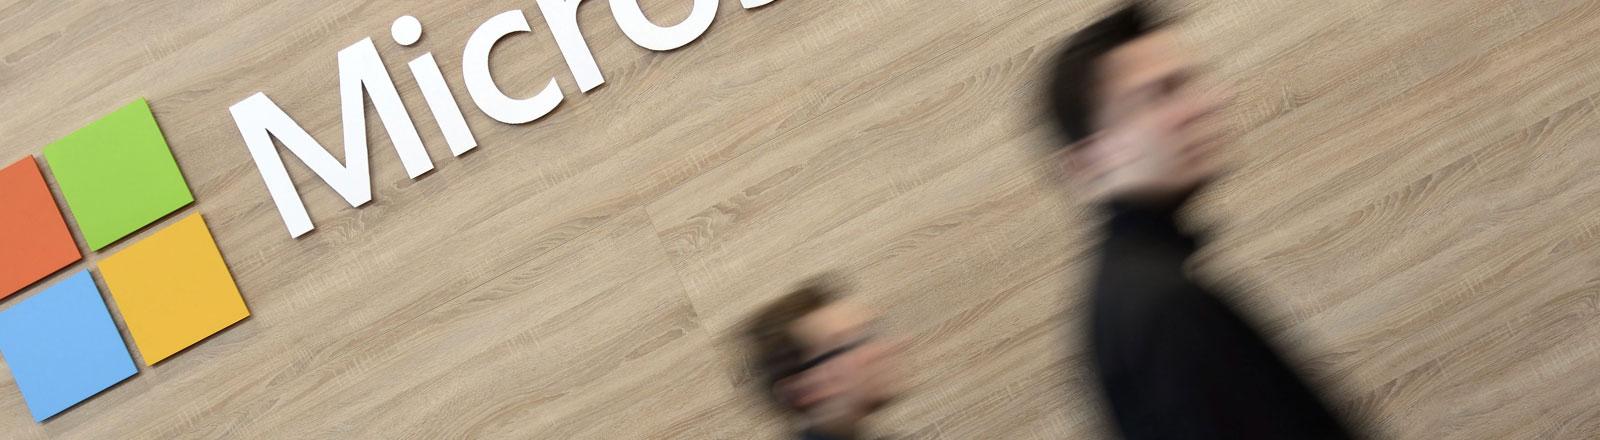 Zwei Männer gehen am Microsoft-Logo vorbei